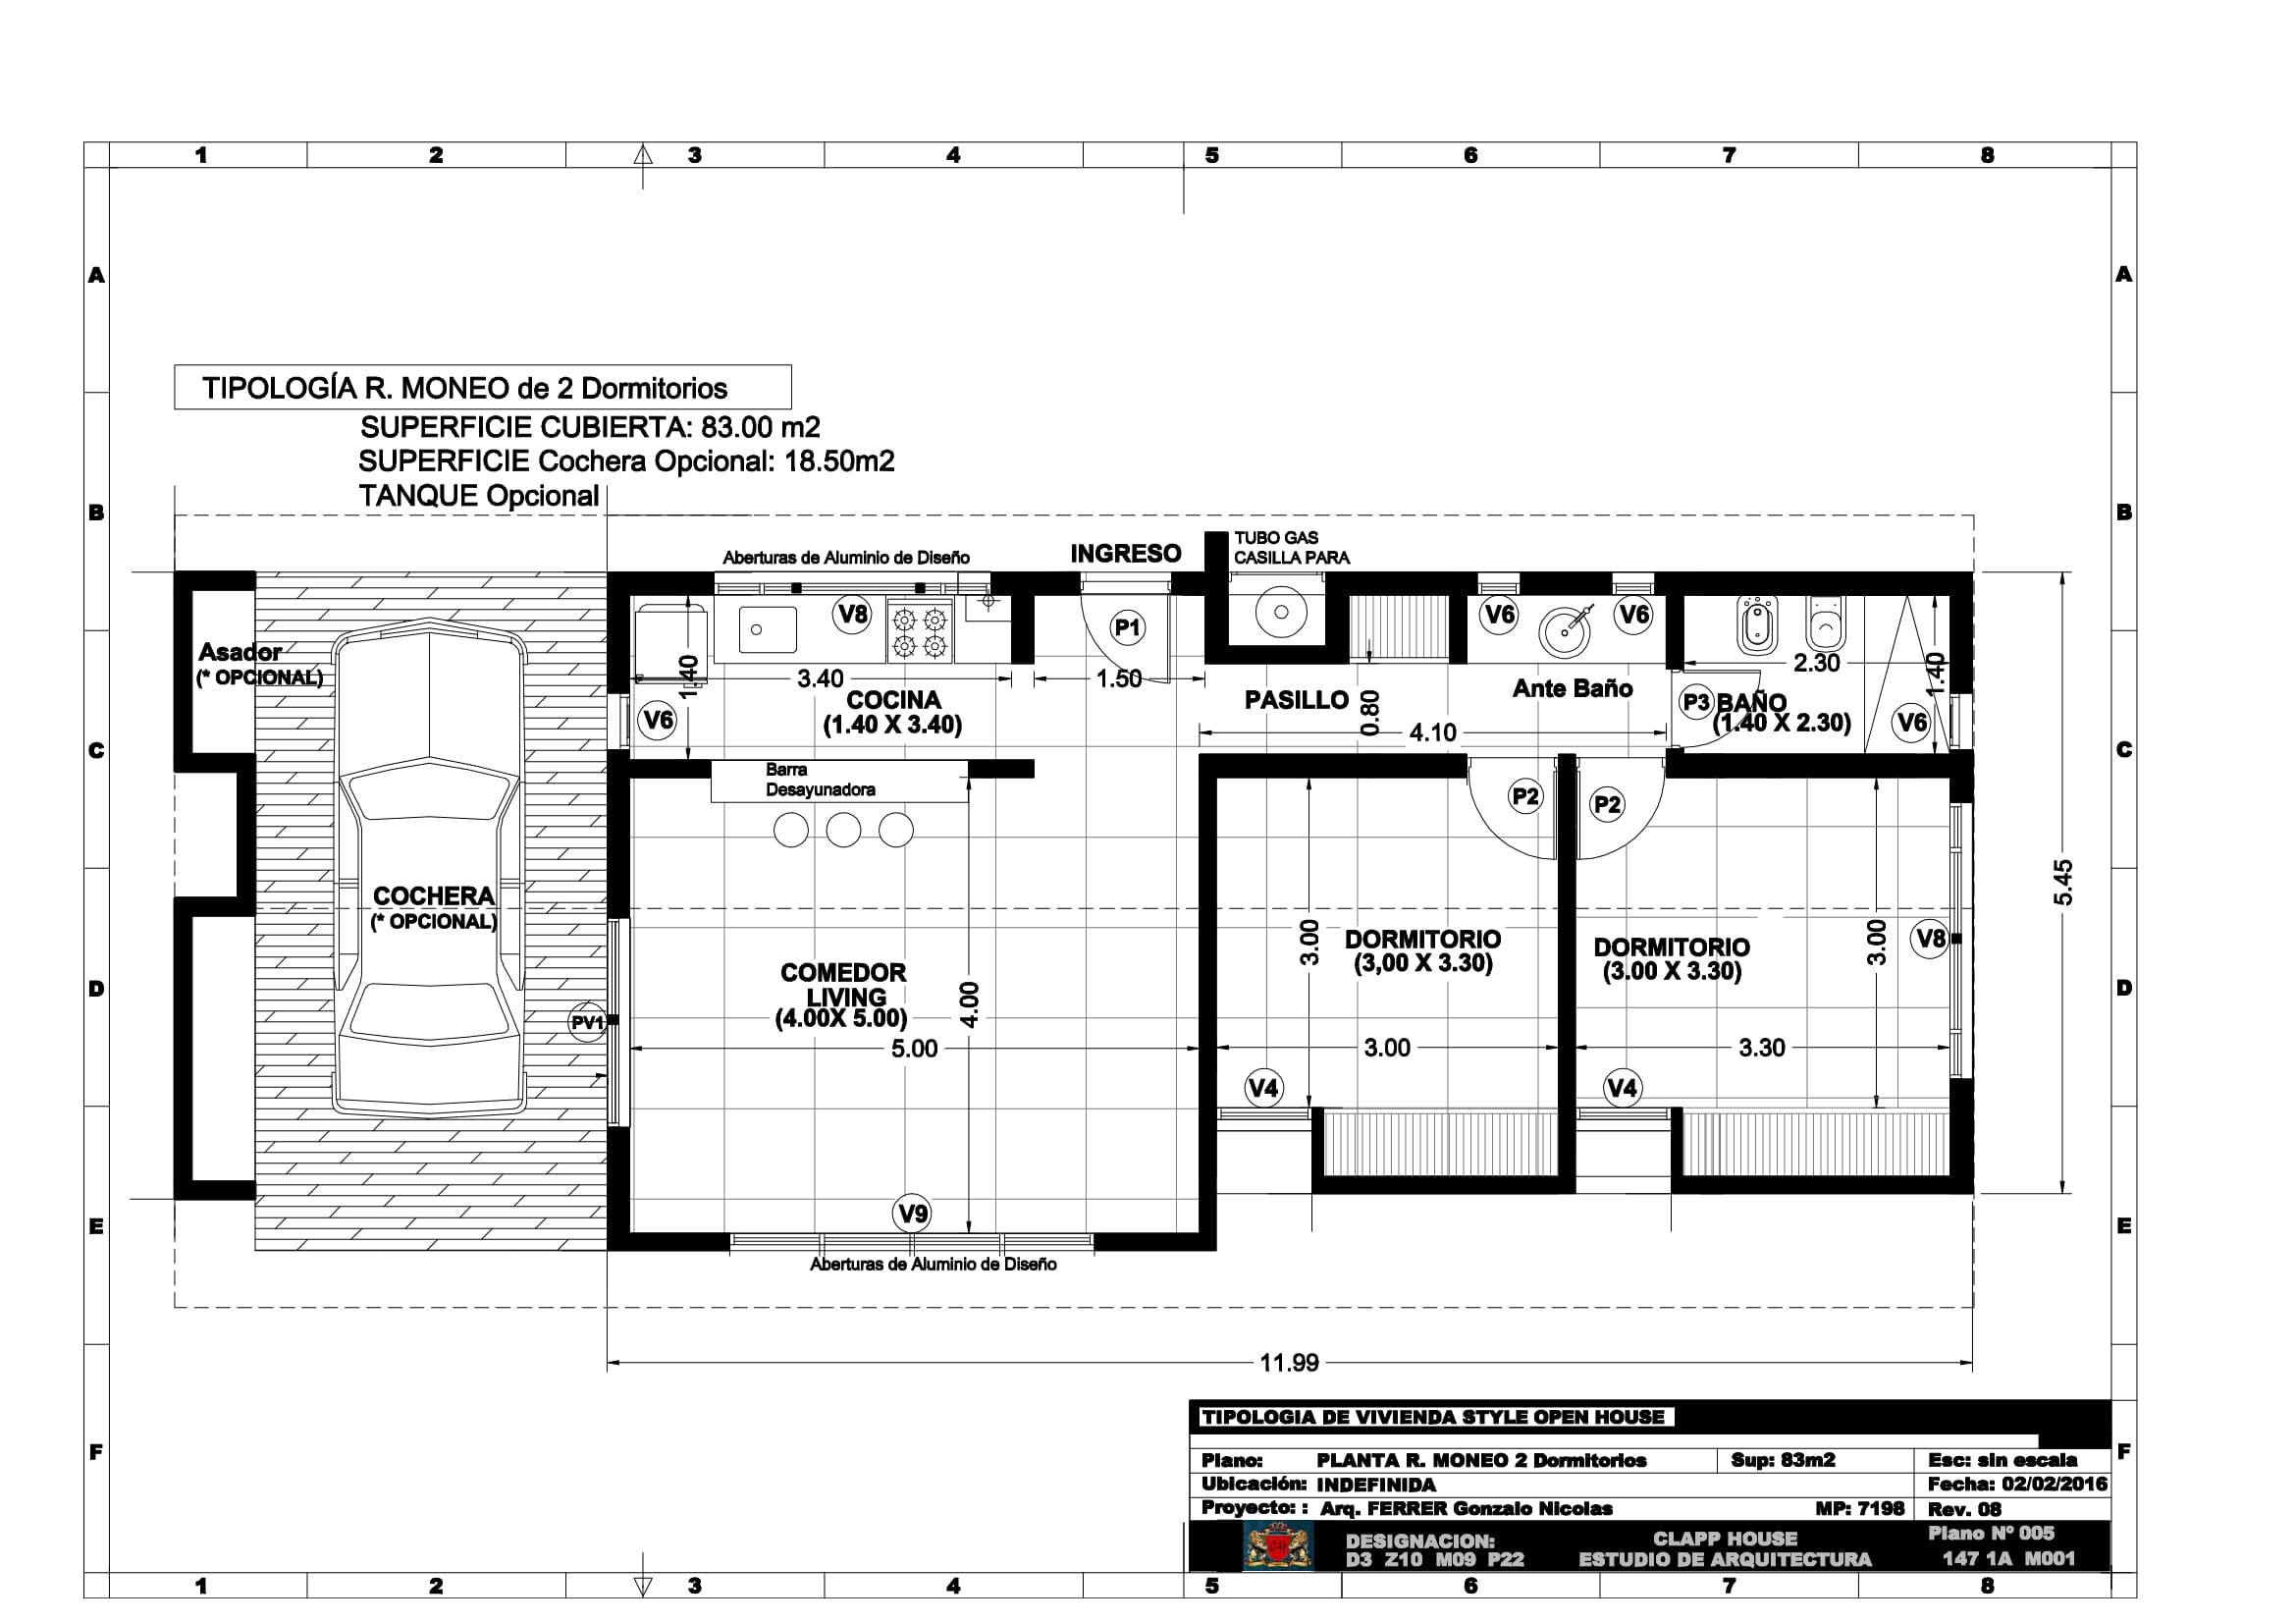 RAFAEL MONEO 83m2 de 2 Dormitorios